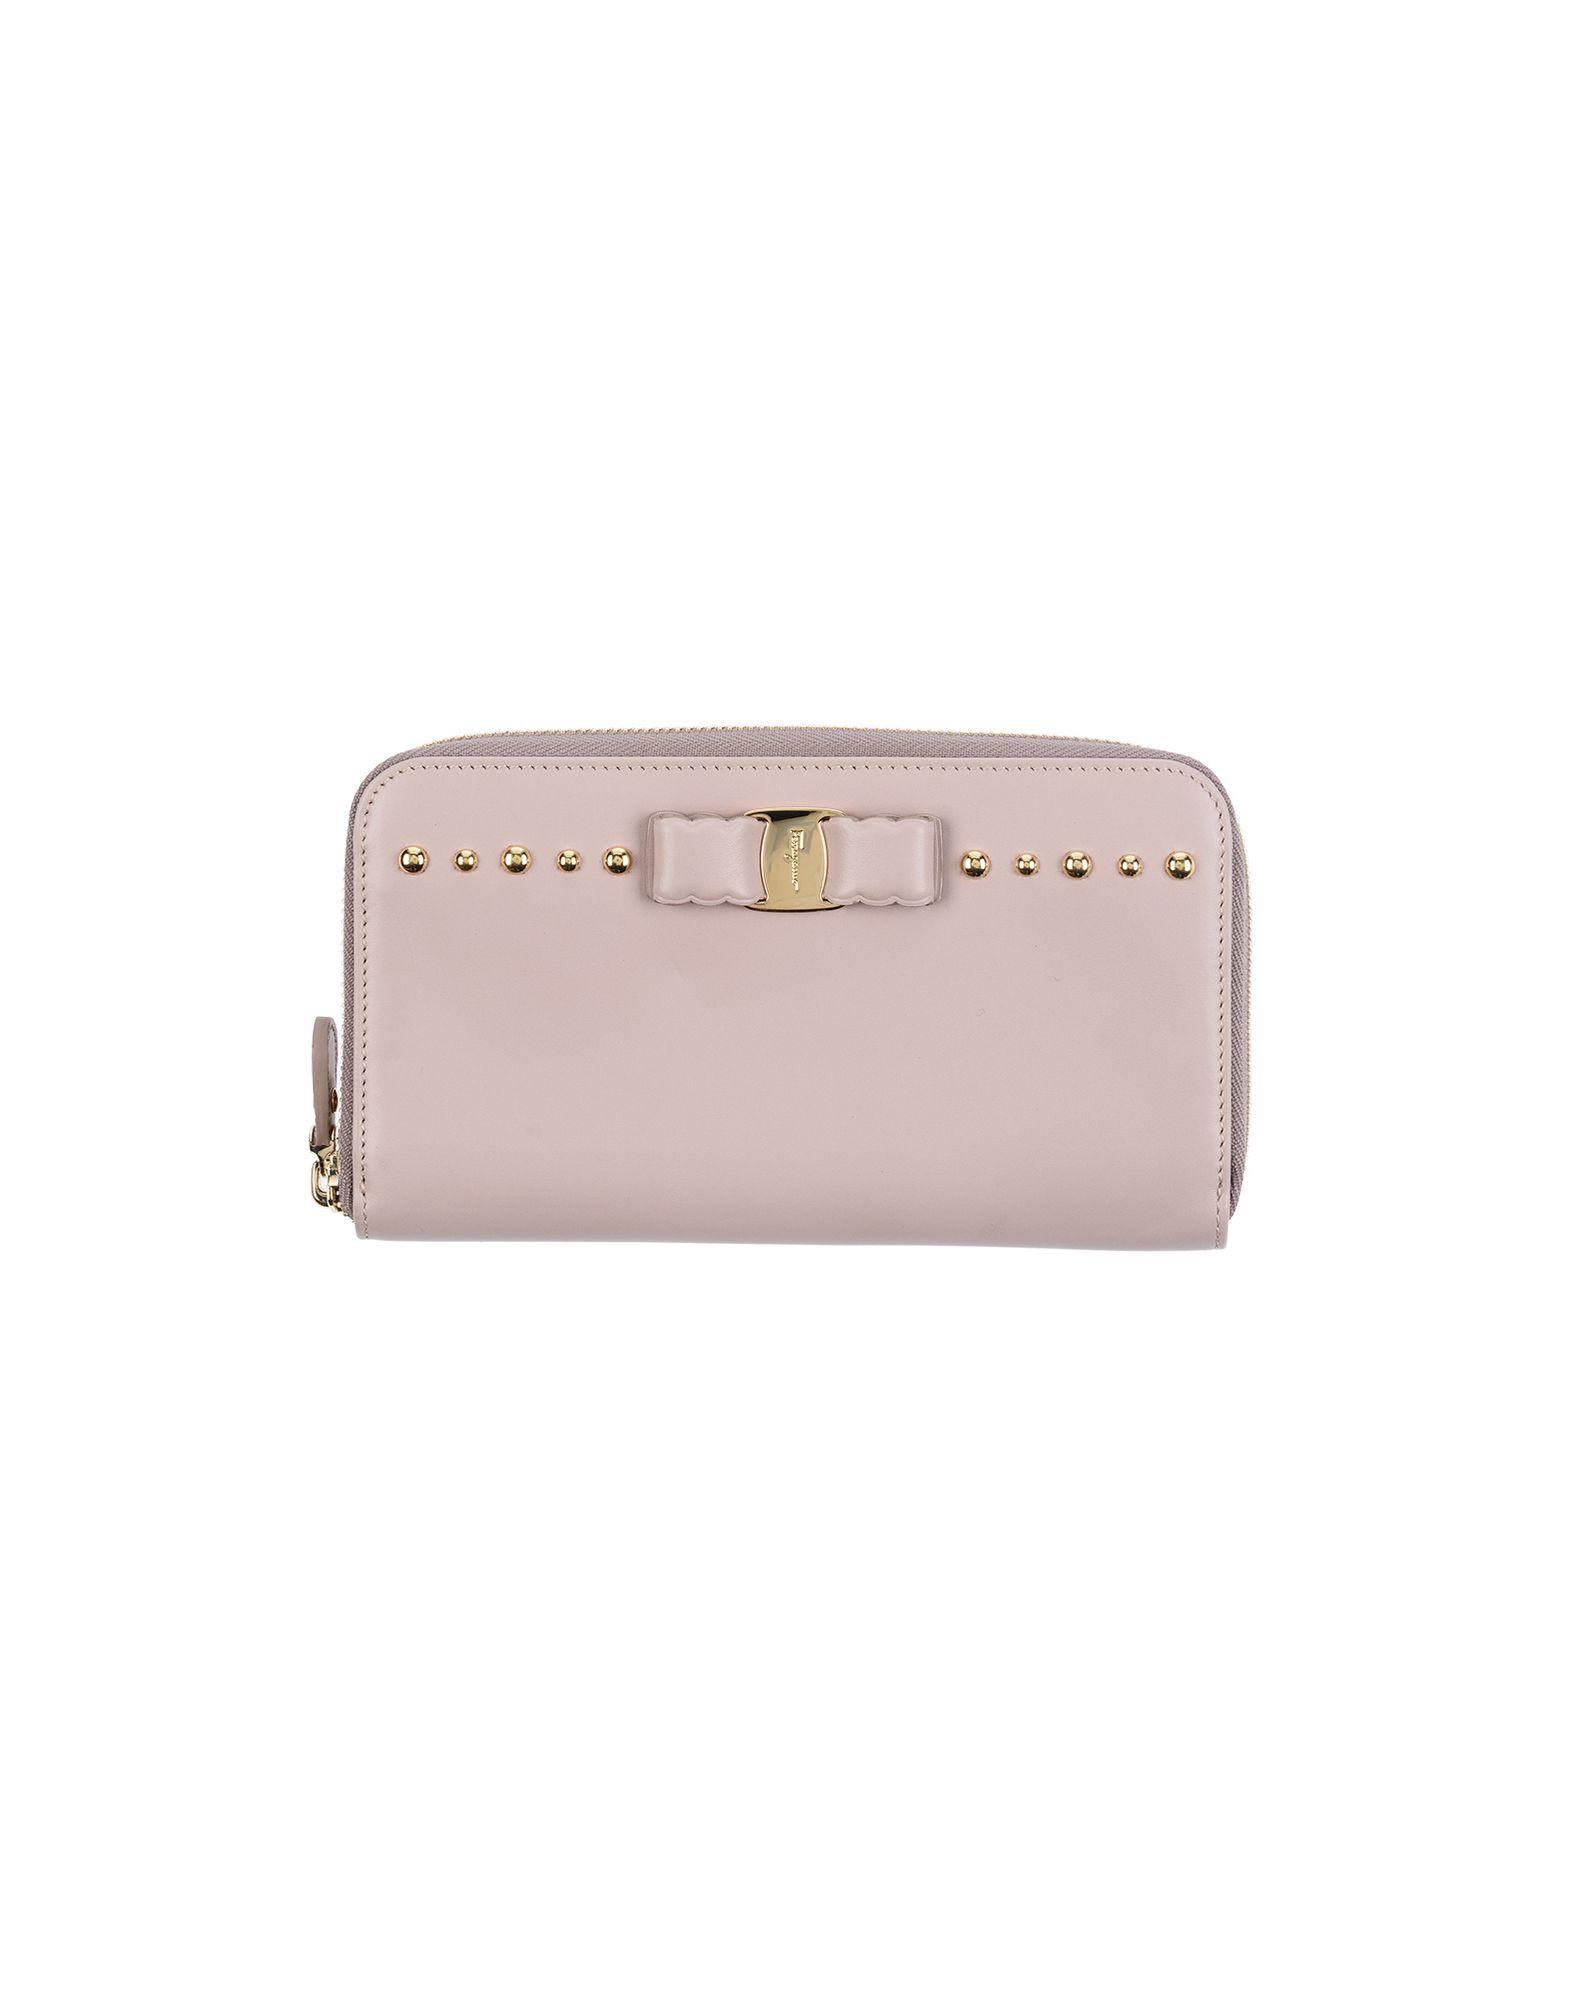 《送料無料》SALVATORE FERRAGAMO レディース 財布 ピンク 革